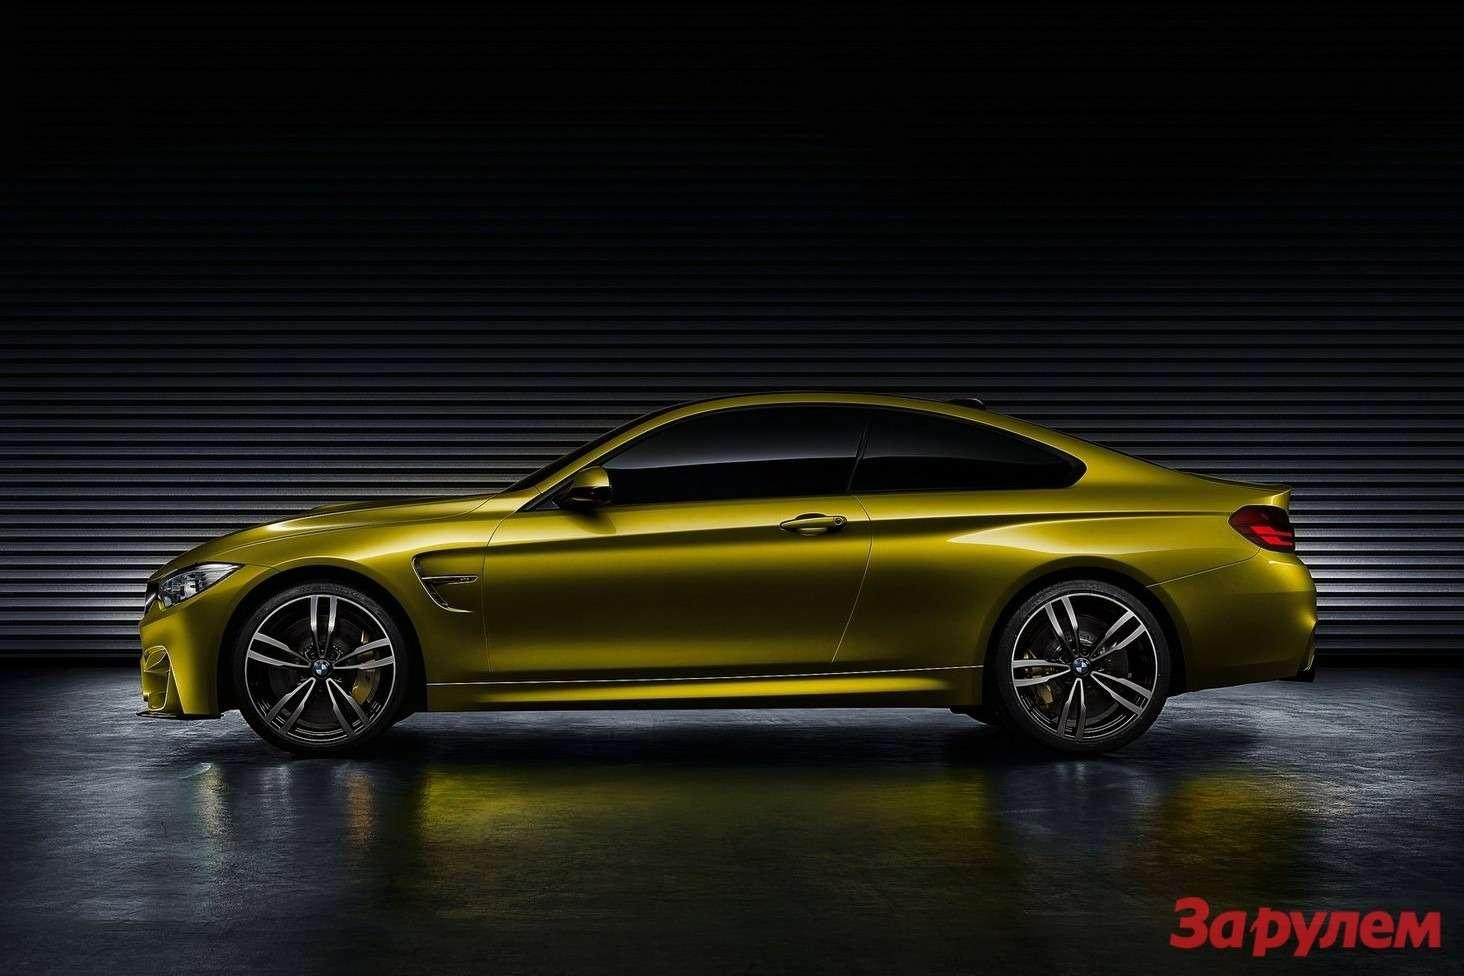 BMWM4Coupe Concept 2013 1600x1200 wallpaper 02